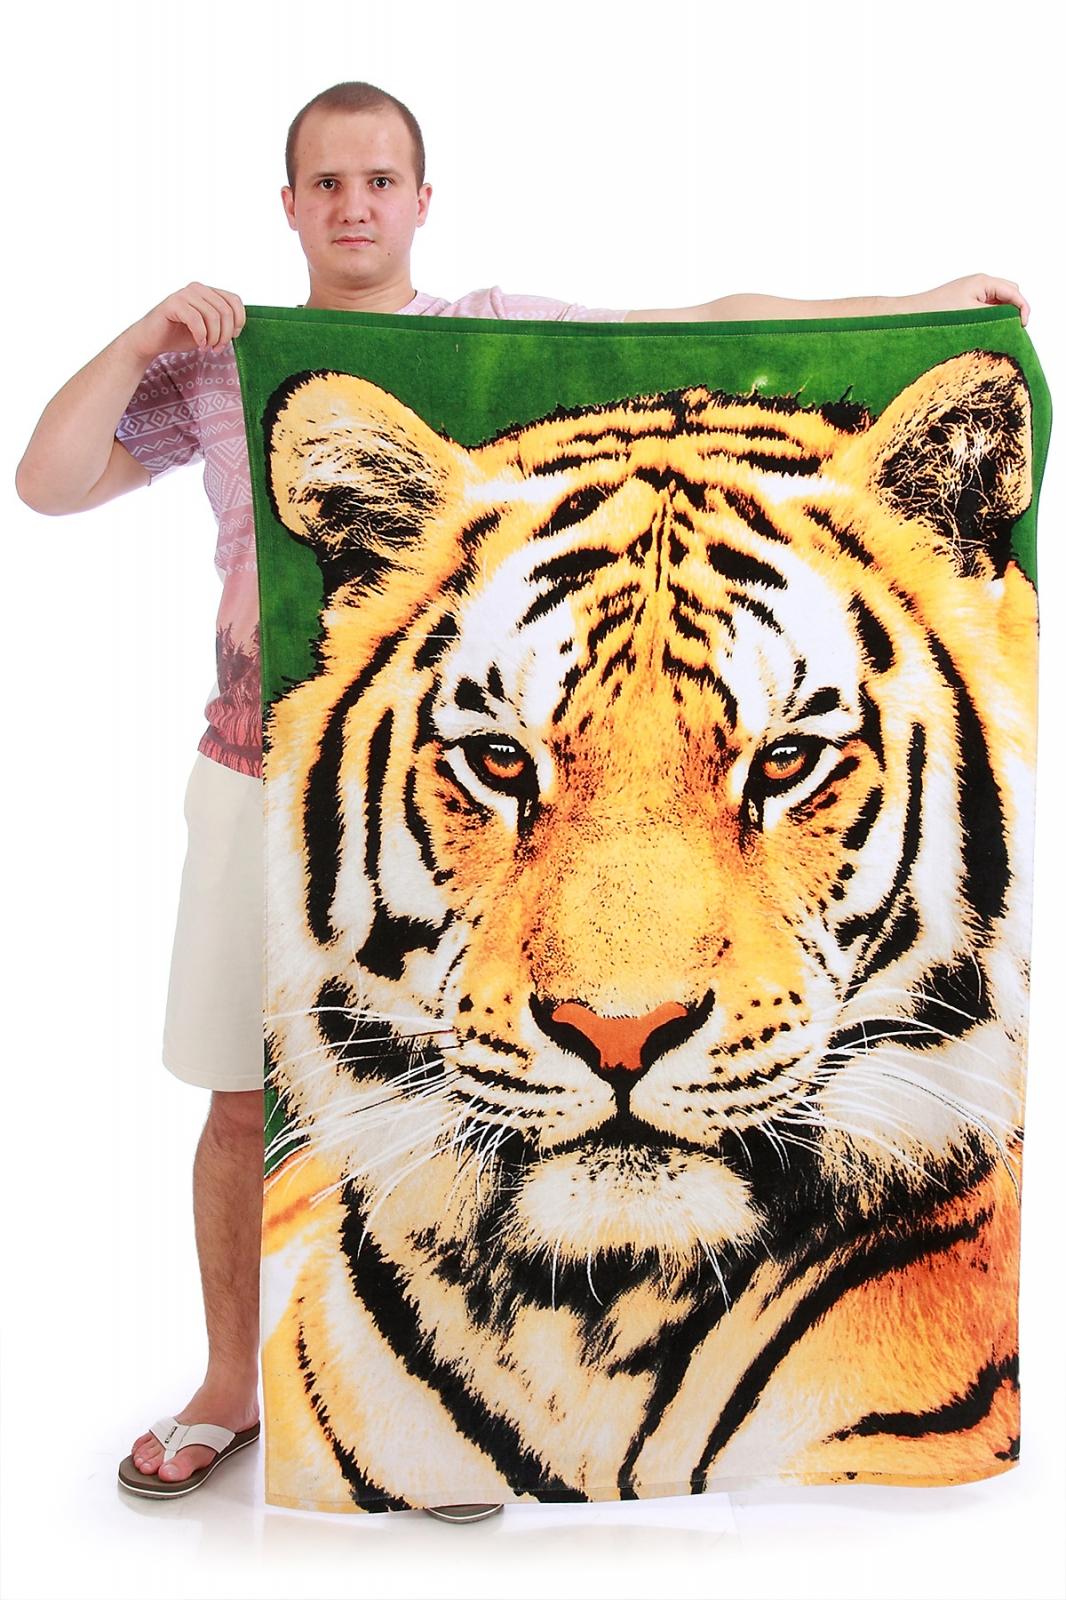 Полотенце с тигром - купить онлайн в интернет-магазине